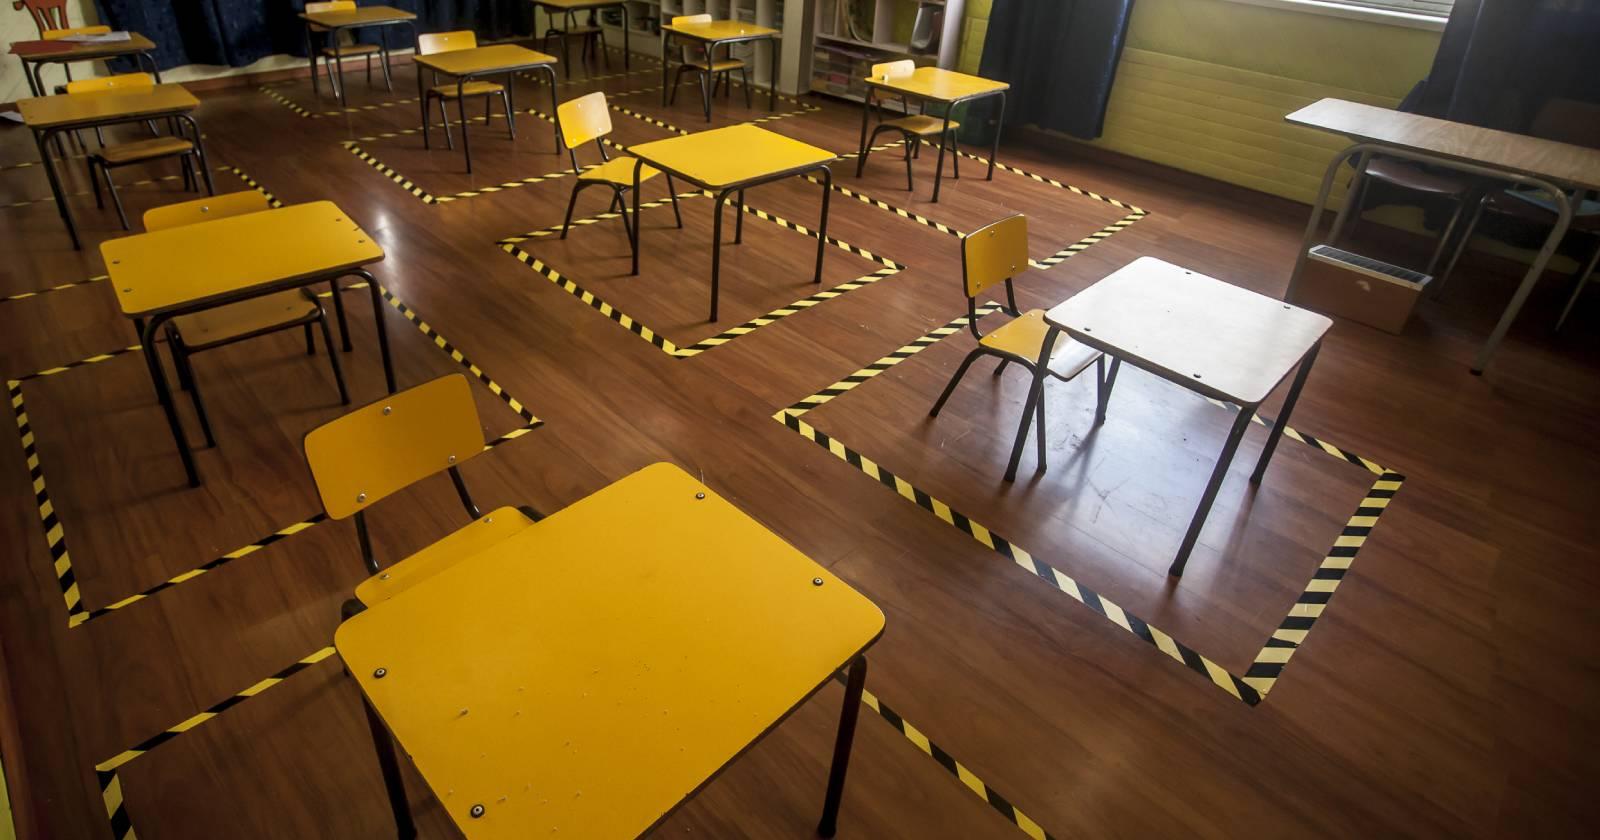 Mineduc y Unesco convocan a un consejo asesor para apoyar la reapertura de los colegios